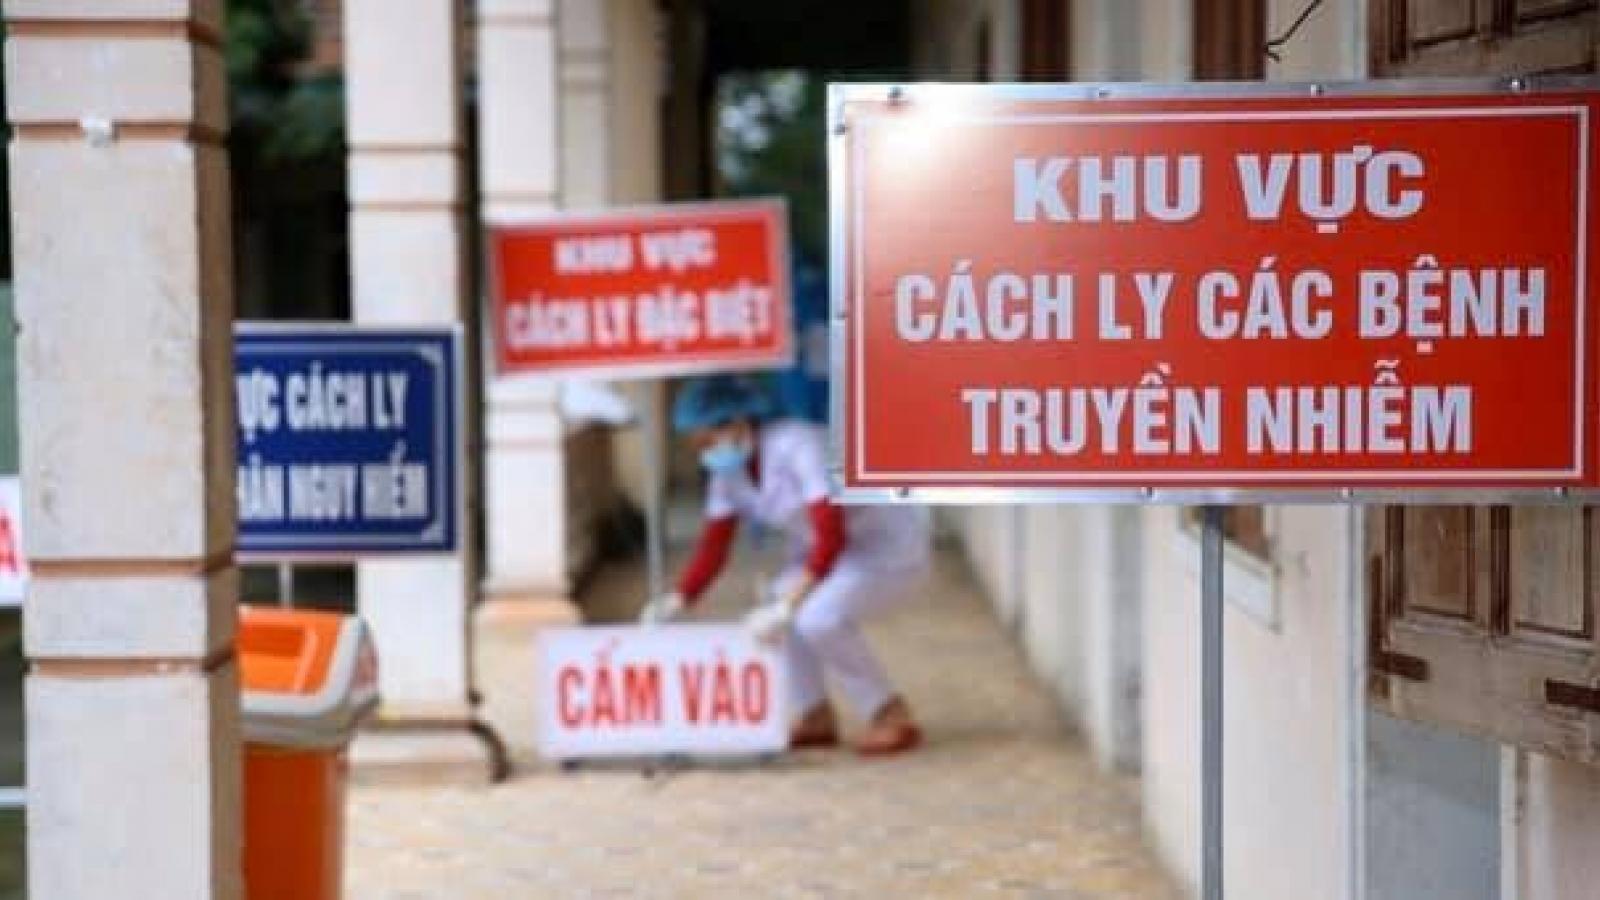 Bệnh viện E khoanh vùng những người tiếp xúc với ca mắc Covid-19 quê Phú Thọ